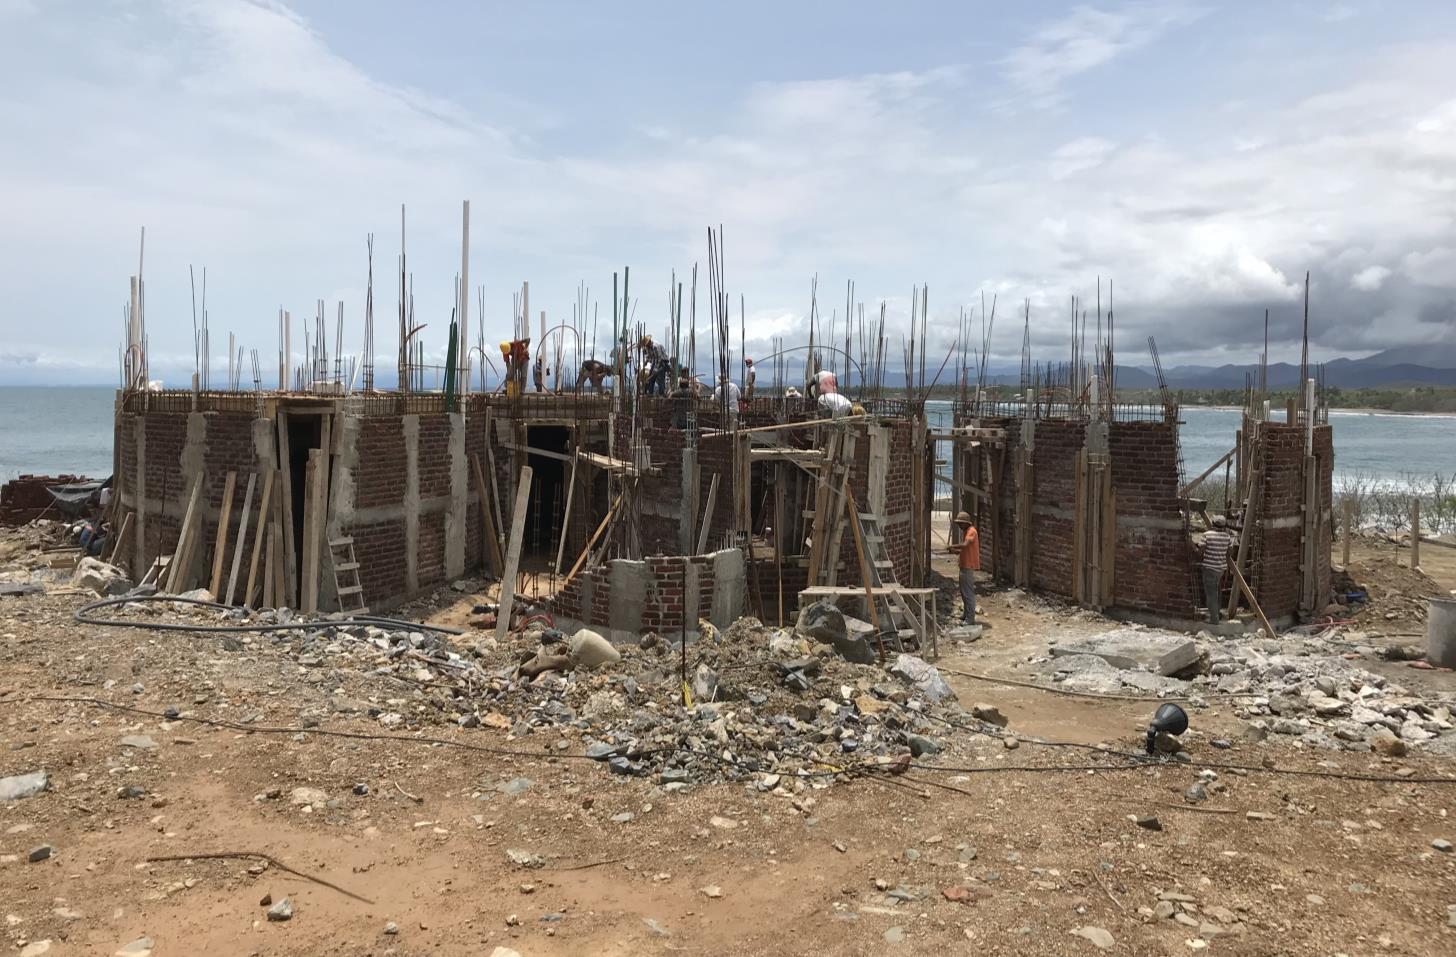 REPORTE-FOTOGRAFICO-PUNTA-MAJAHUA-16-DE-JUNIO-DEL-2018-013.jpg